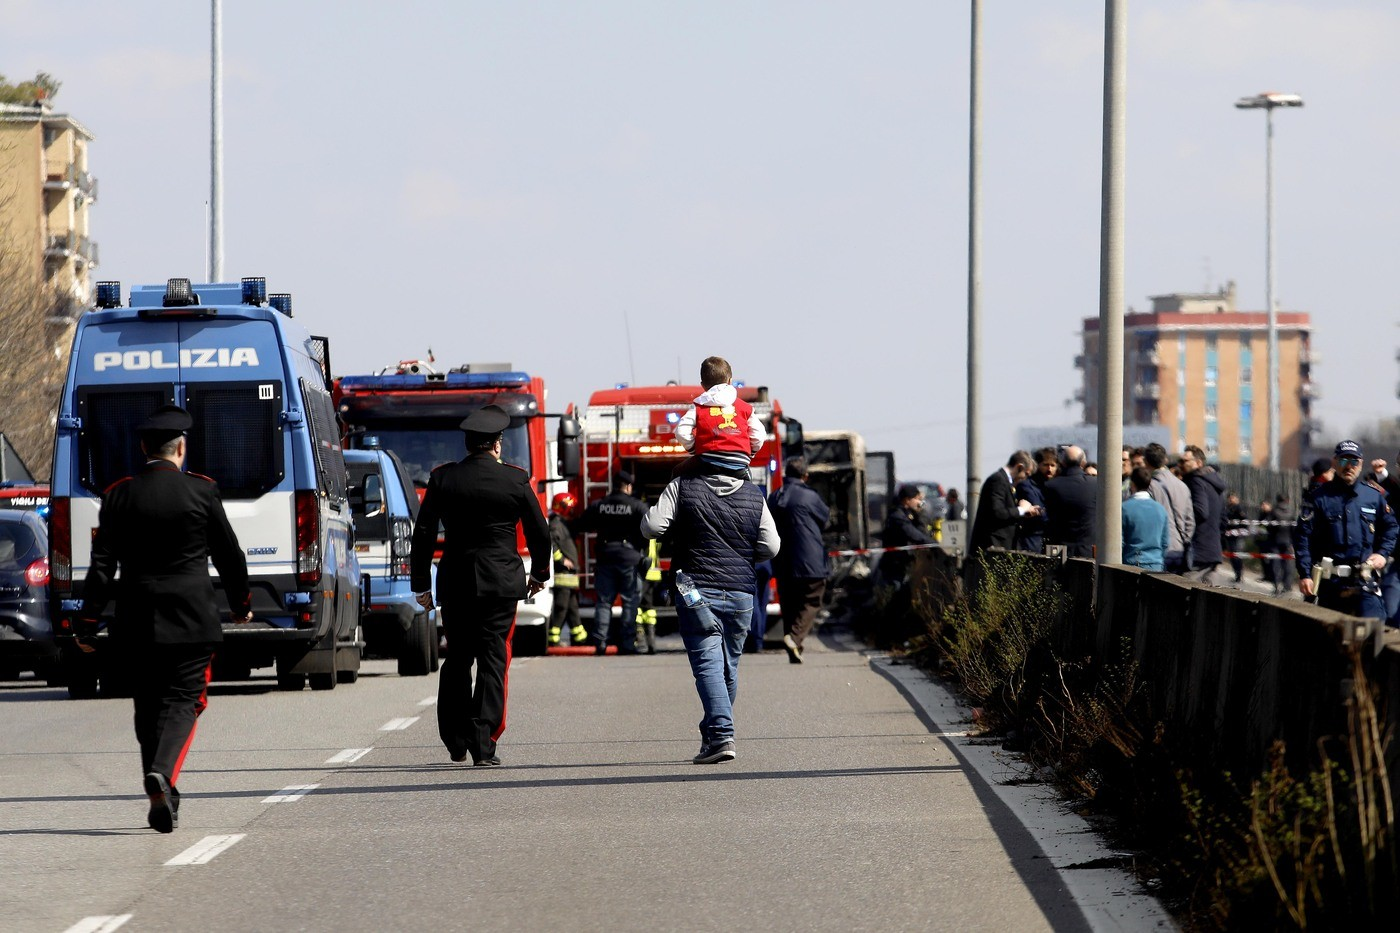 Paura a Padova, si ribalta uno scuolabus: 7 bimbi feriti, l'autista era ubriaco